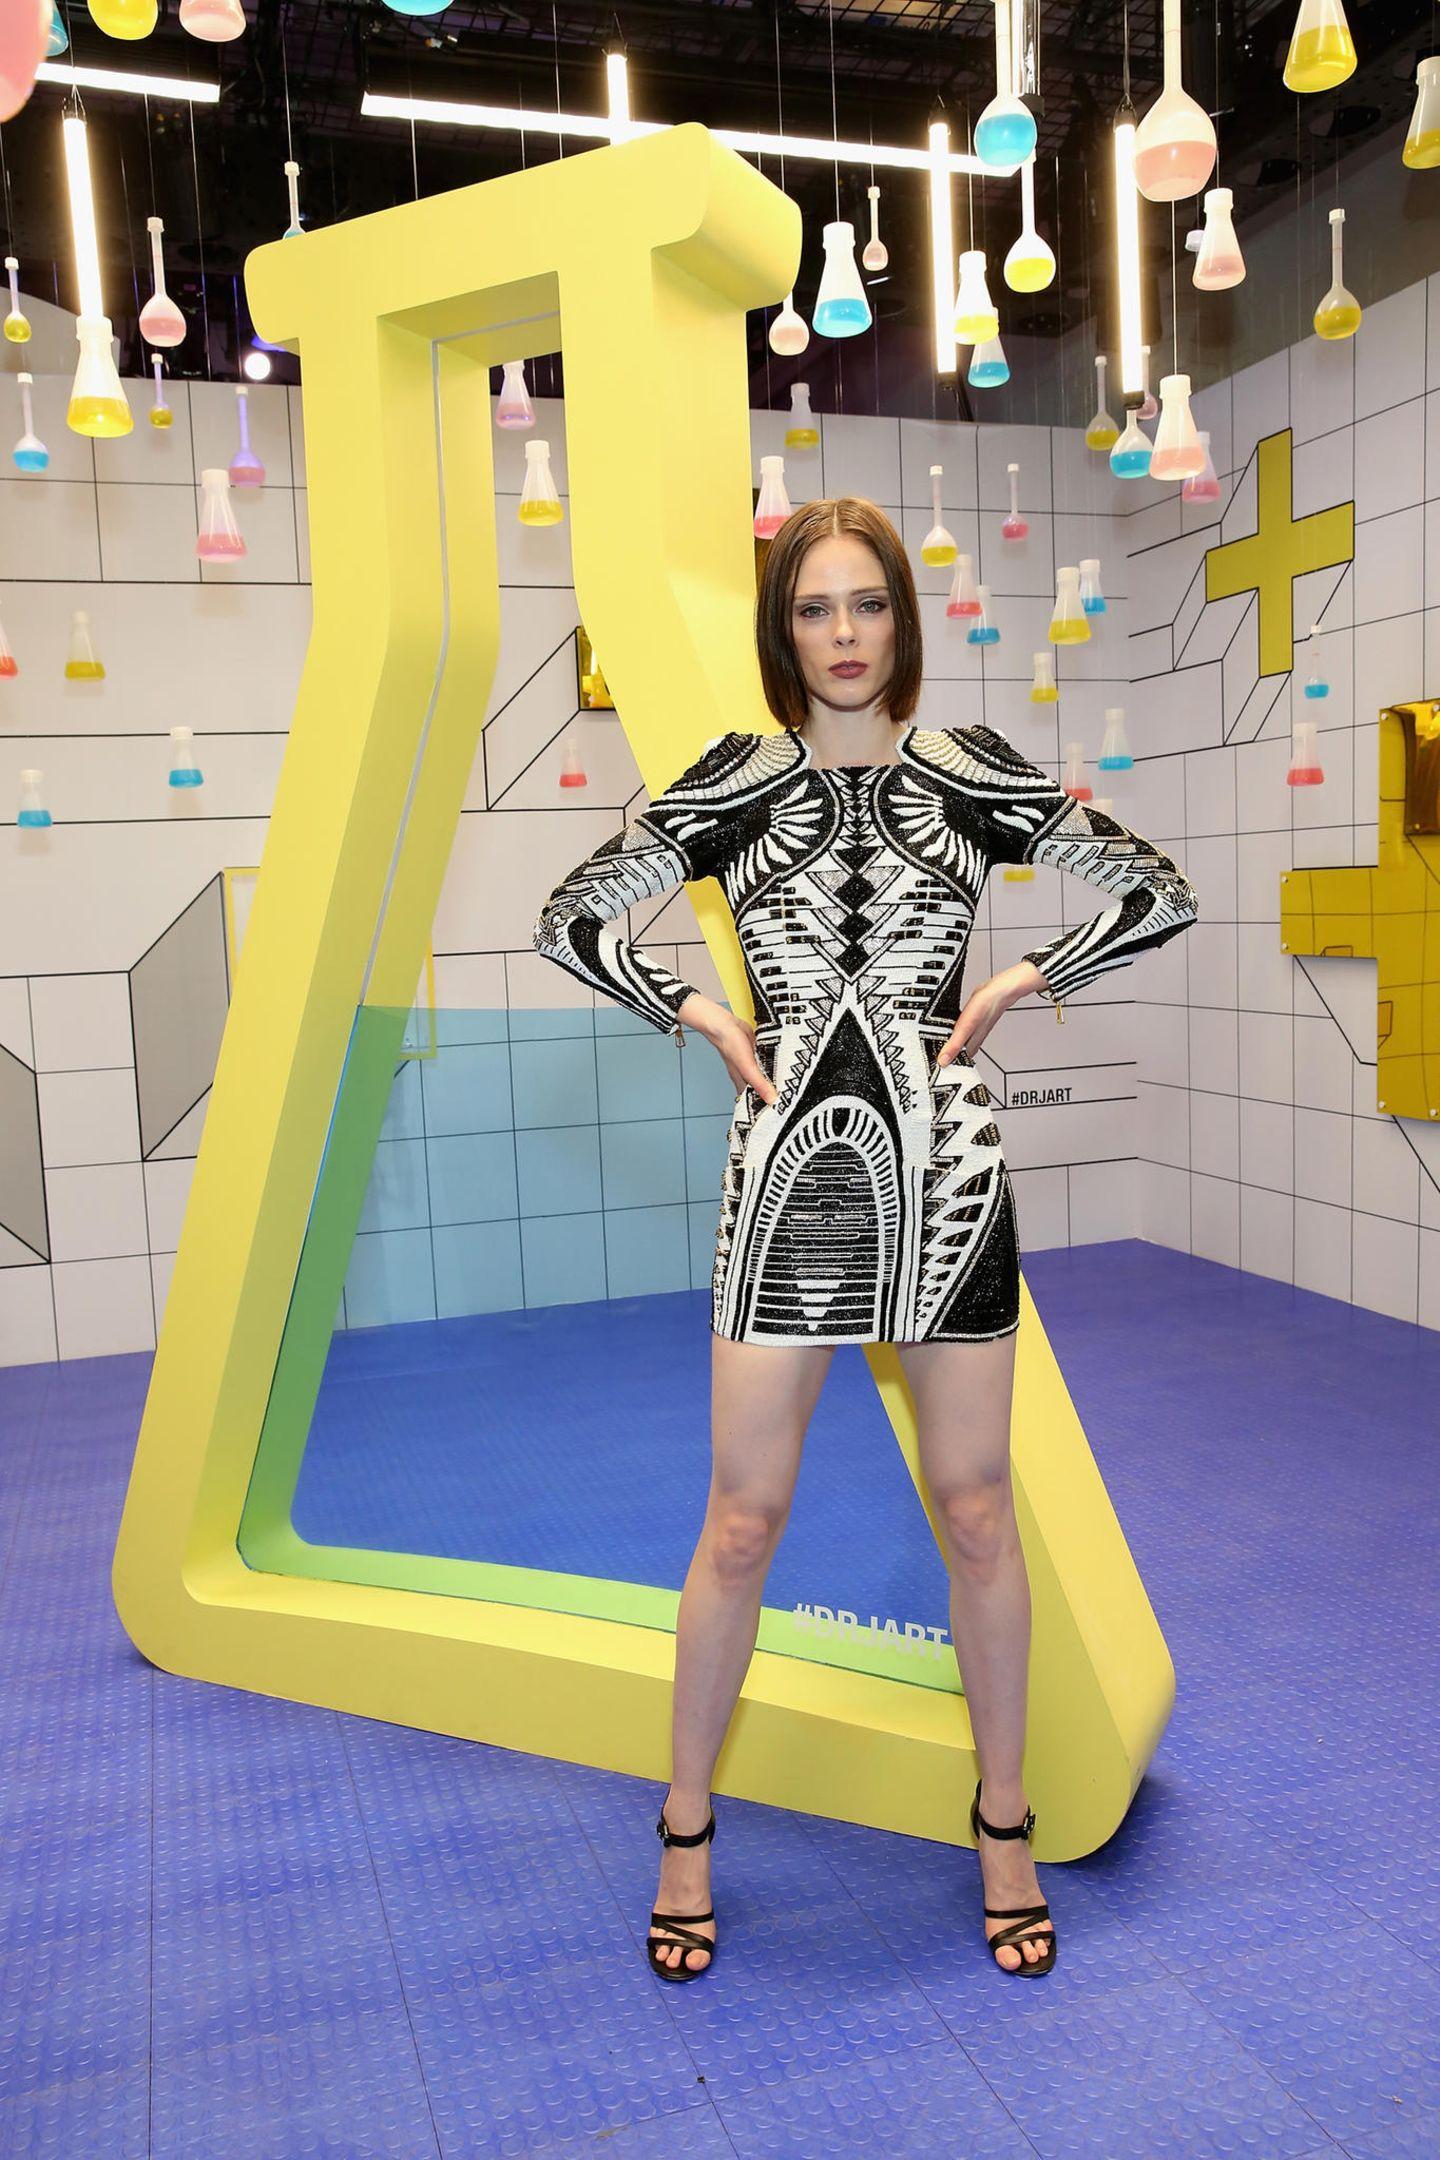 Ebenfalls auf der Eröffnungsparty: Model Coco Rocha.